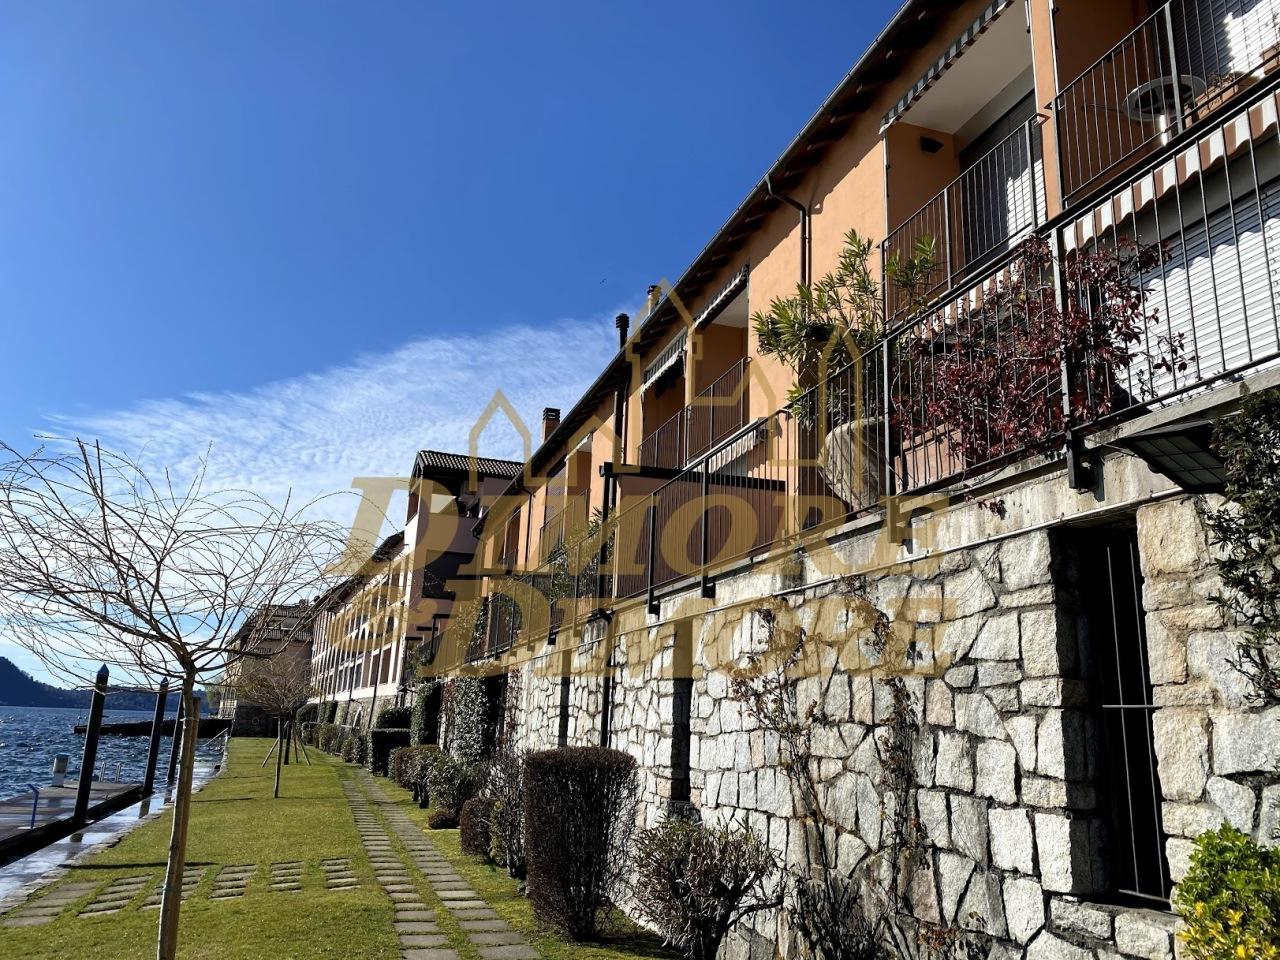 Appartamento in vendita a Ghiffa, 9999 locali, prezzo € 175.000 | CambioCasa.it